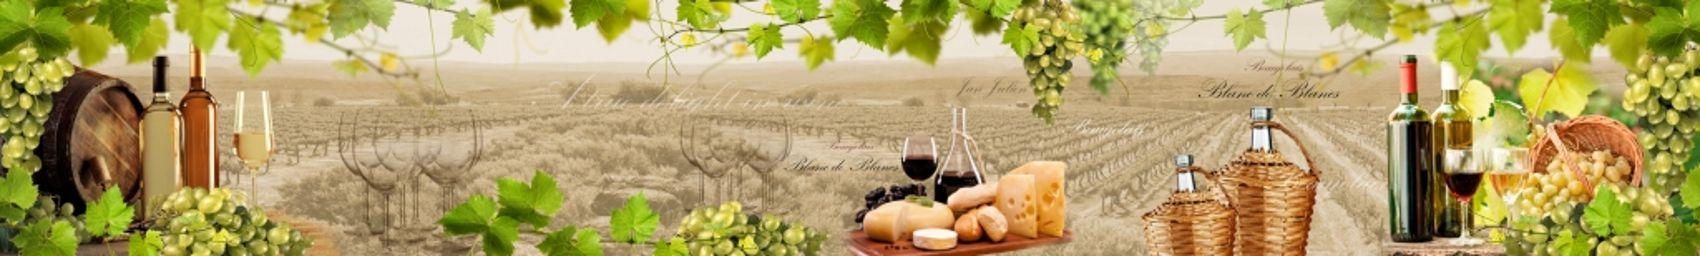 Вино на фоне поля